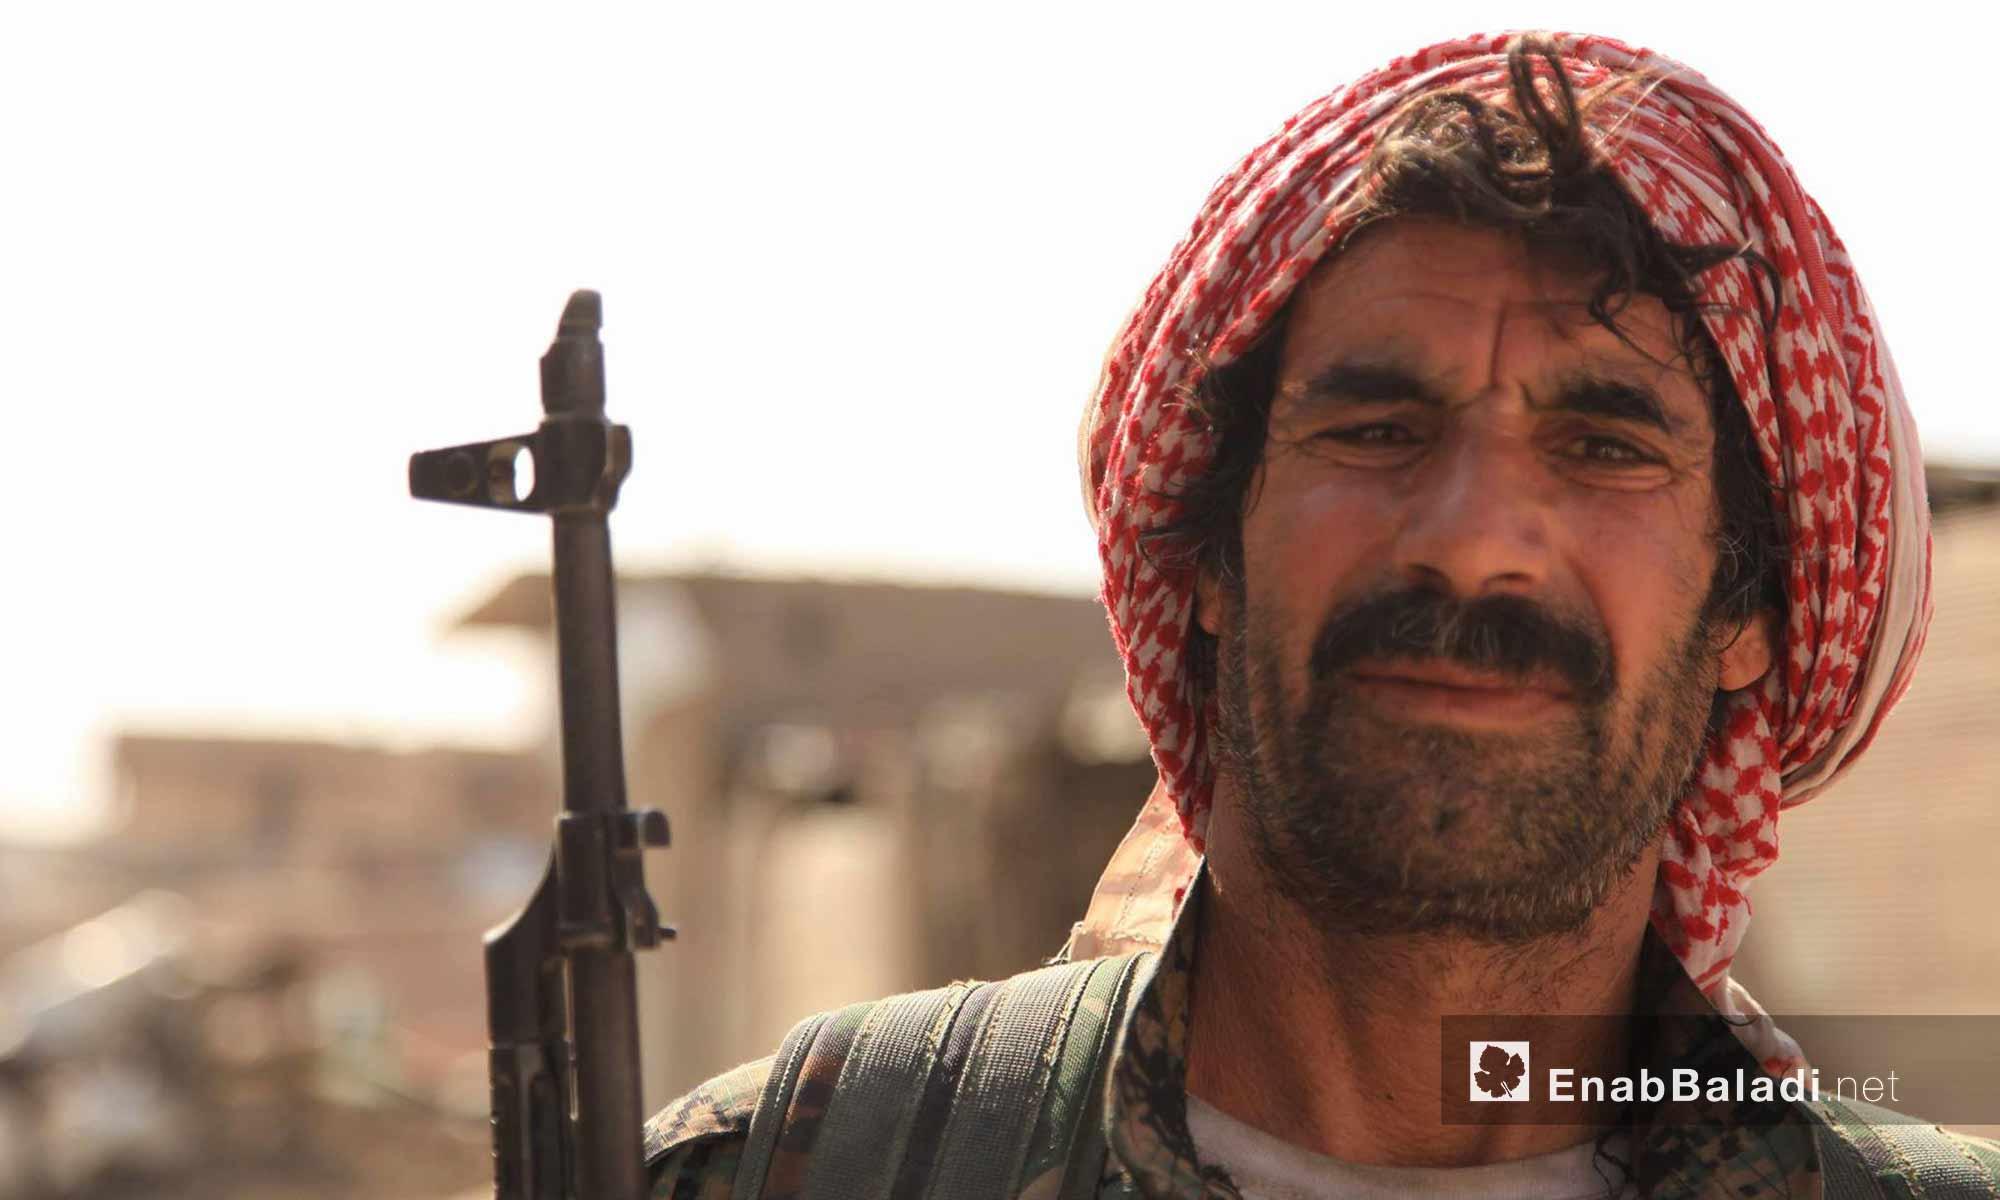 مقاتل من قوات سوريا الديمقراطية داخل مدينة الرقة - 15 آب 2017 (عنب بلدي)